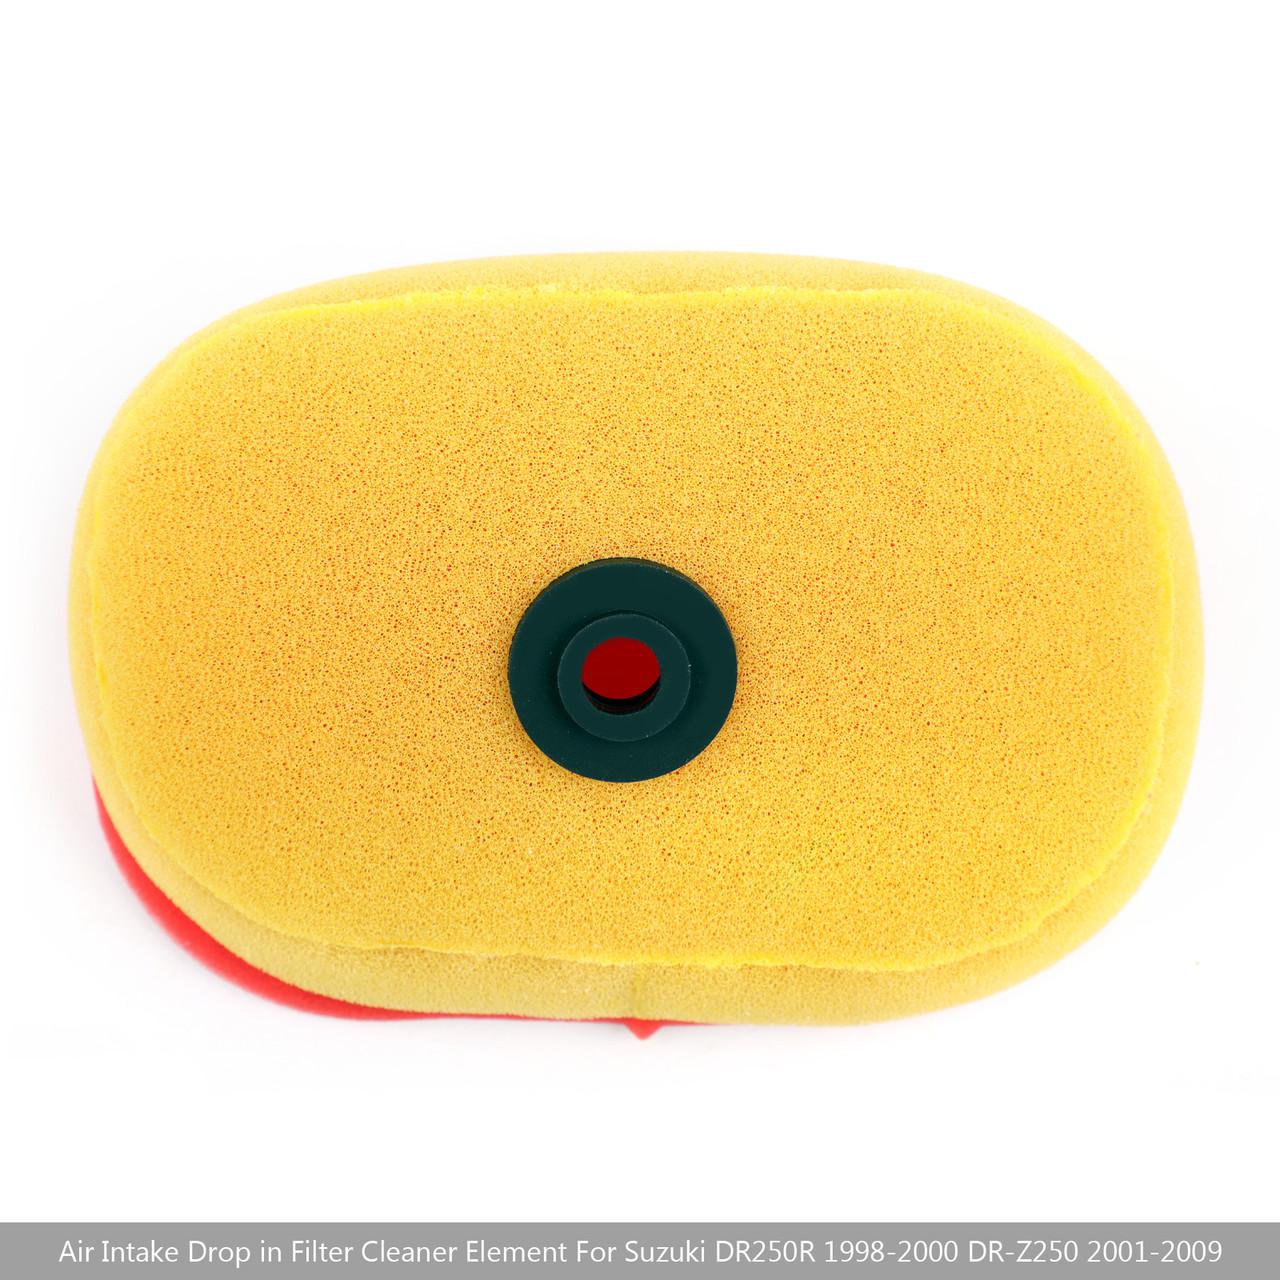 Air Intake Filter Cleaner For Suzuki DR250R 98-00 Suzuki DR-Z250 01-09 Yellow